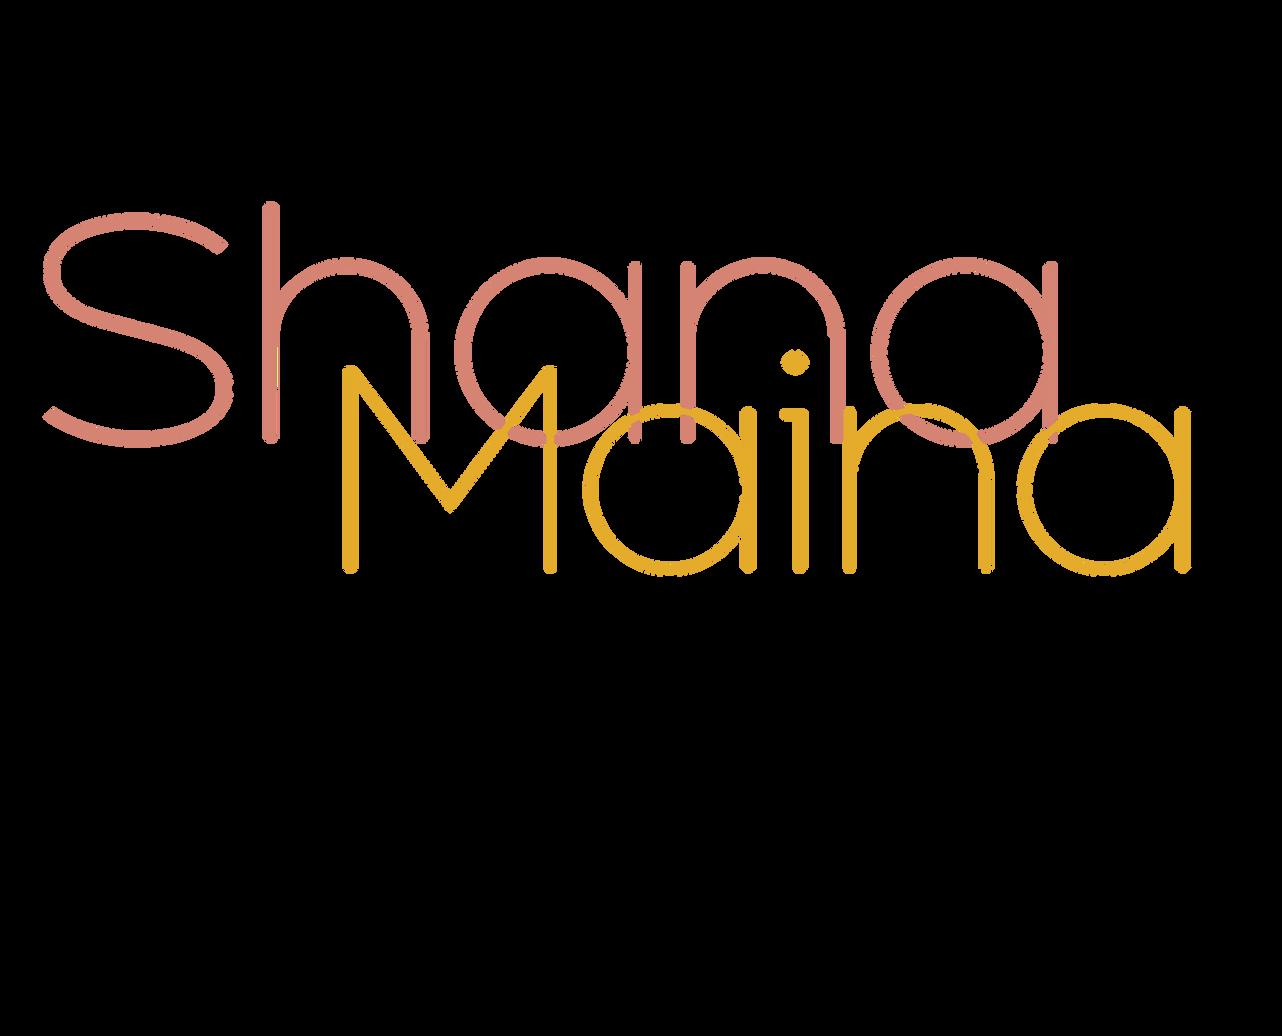 Shana Maina logo1